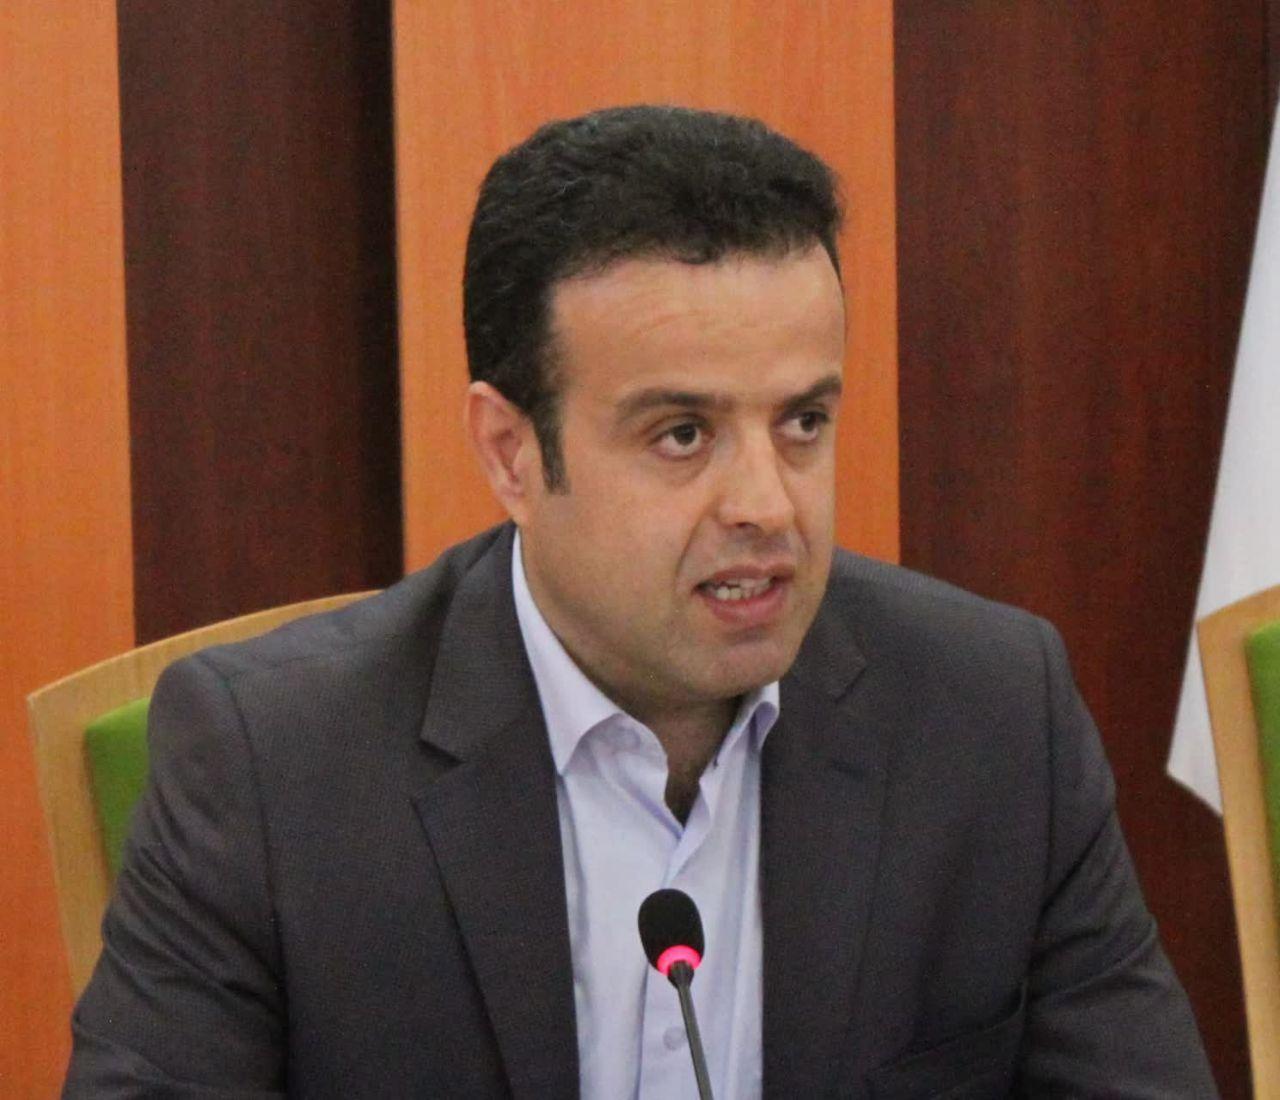 پیاده سازی نسخه جدید و نگهداشت استاندارد ایزو ۱۴۰۰۱:۲۰۱۵ در شهرداری تهران